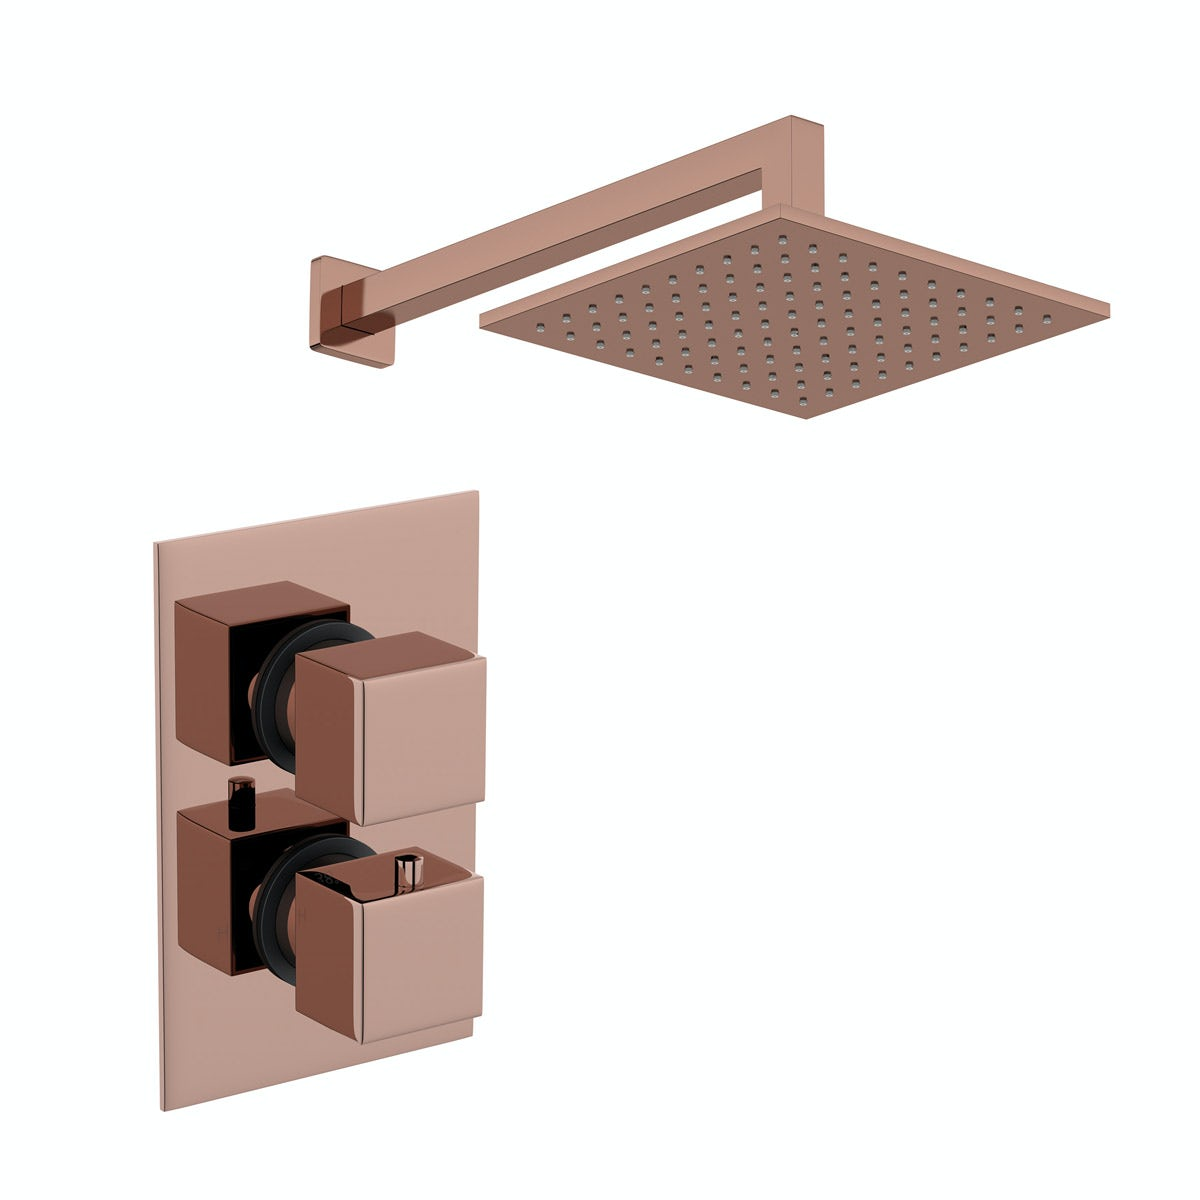 Mode Spencer square rose gold twin valve shower set